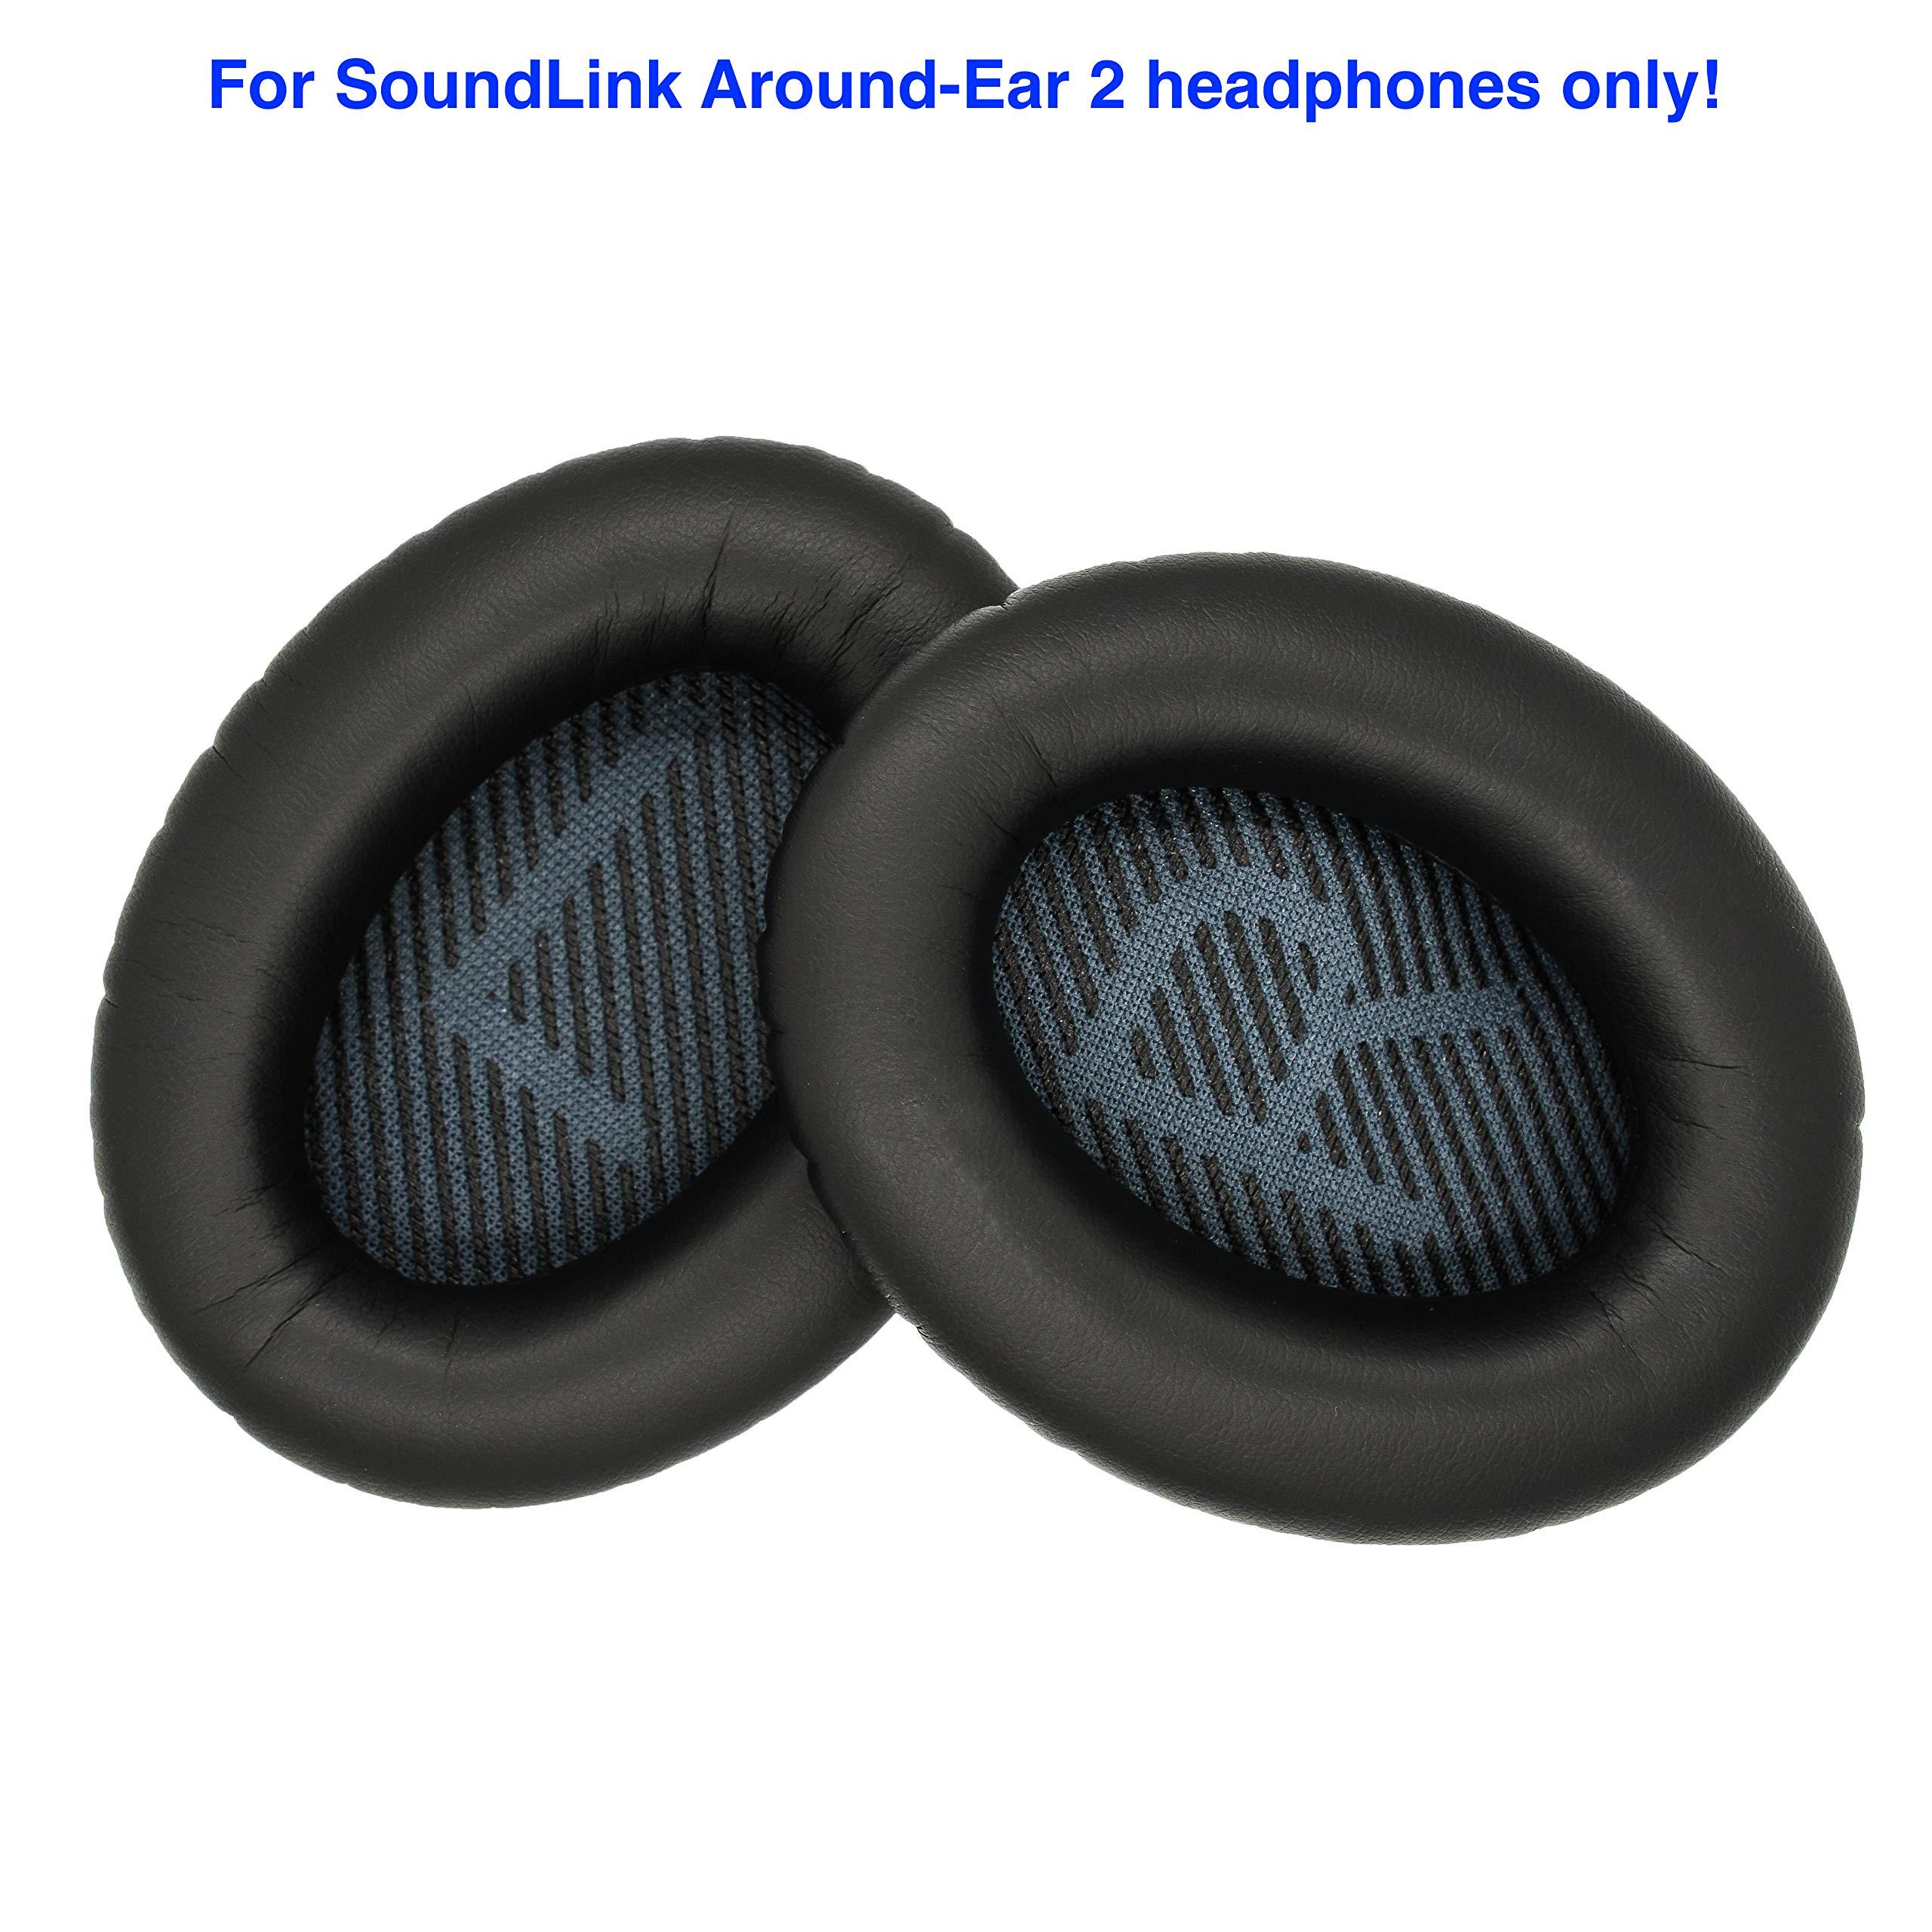 Almohadillas Auriculares BOSE SOUNDLINK AROUND-EAR 2 (SL -Y9